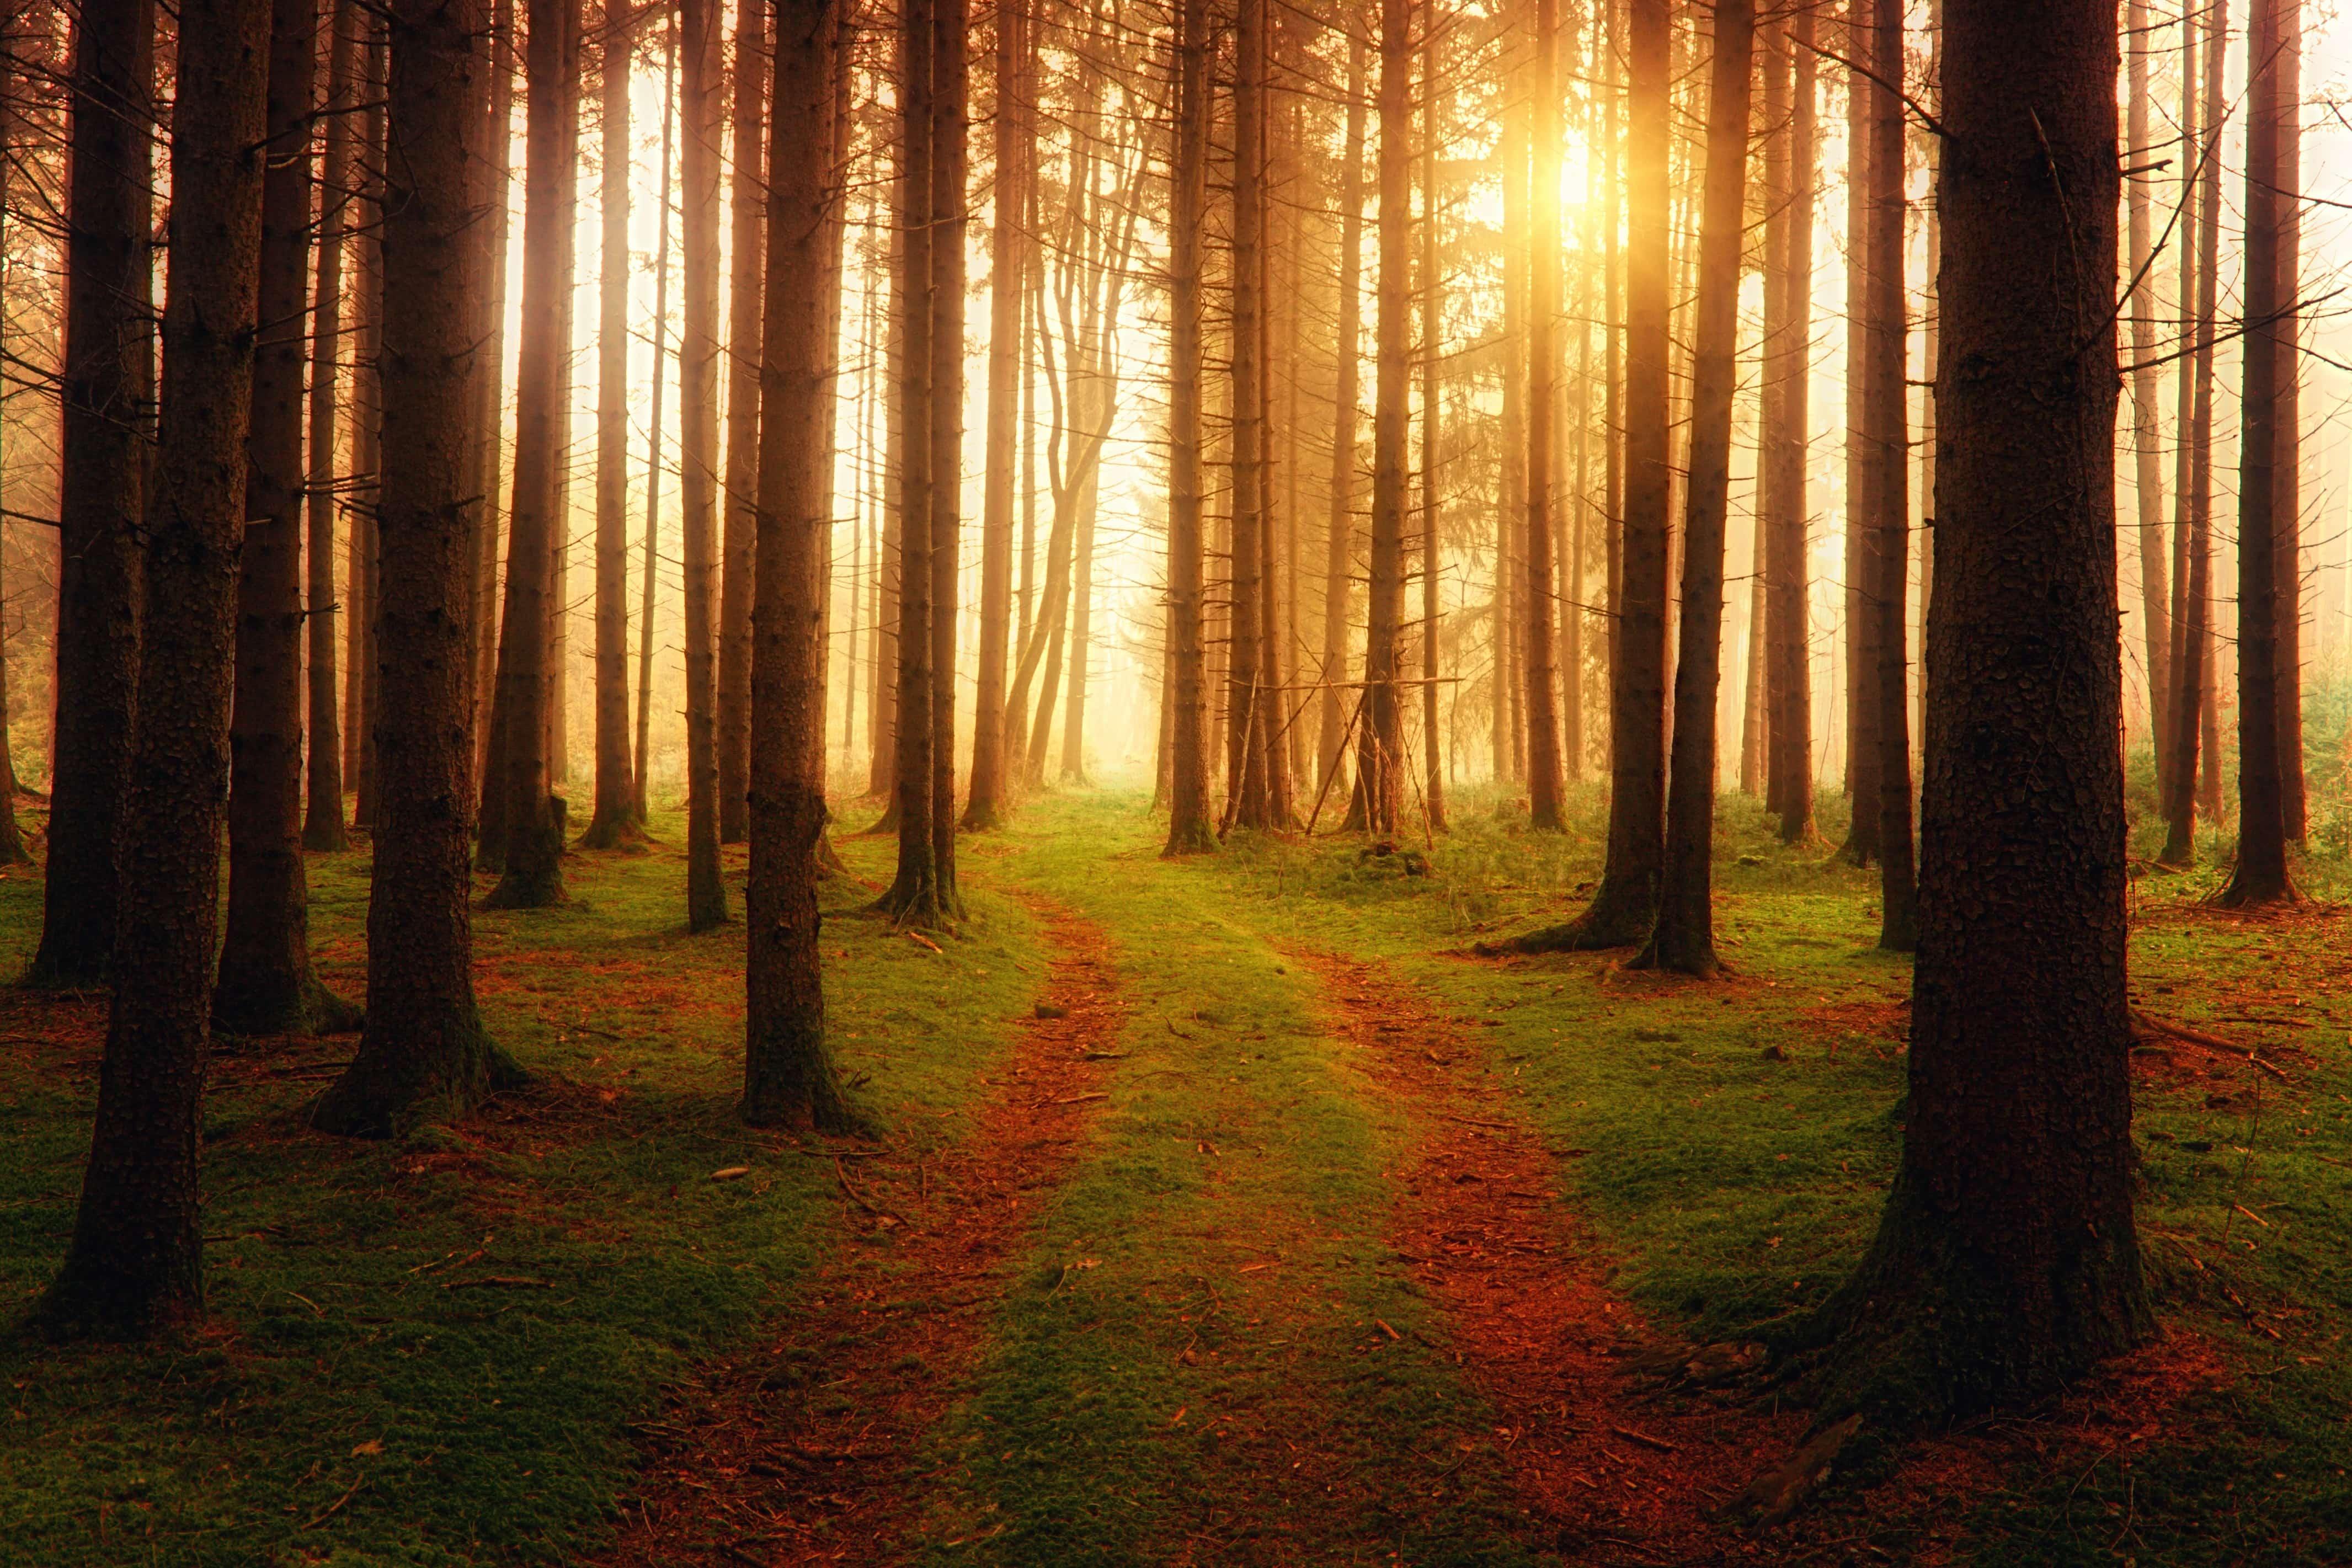 陽に照らされた森の木々